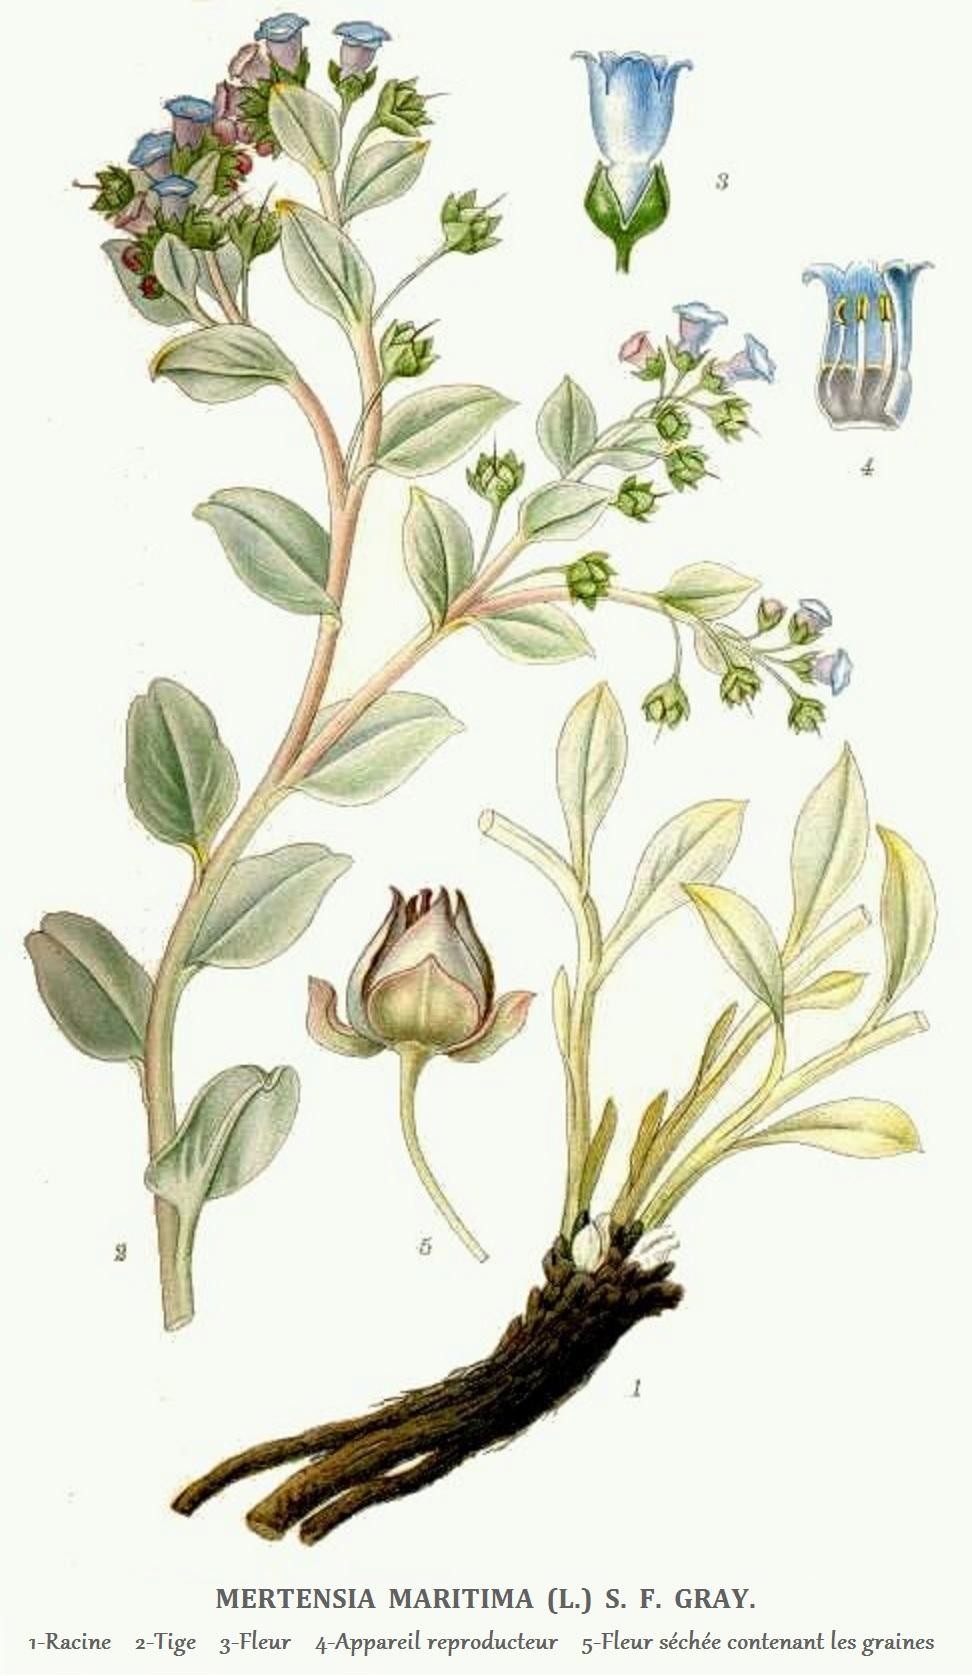 Mertensie maritime wikip dia for Plante huitre